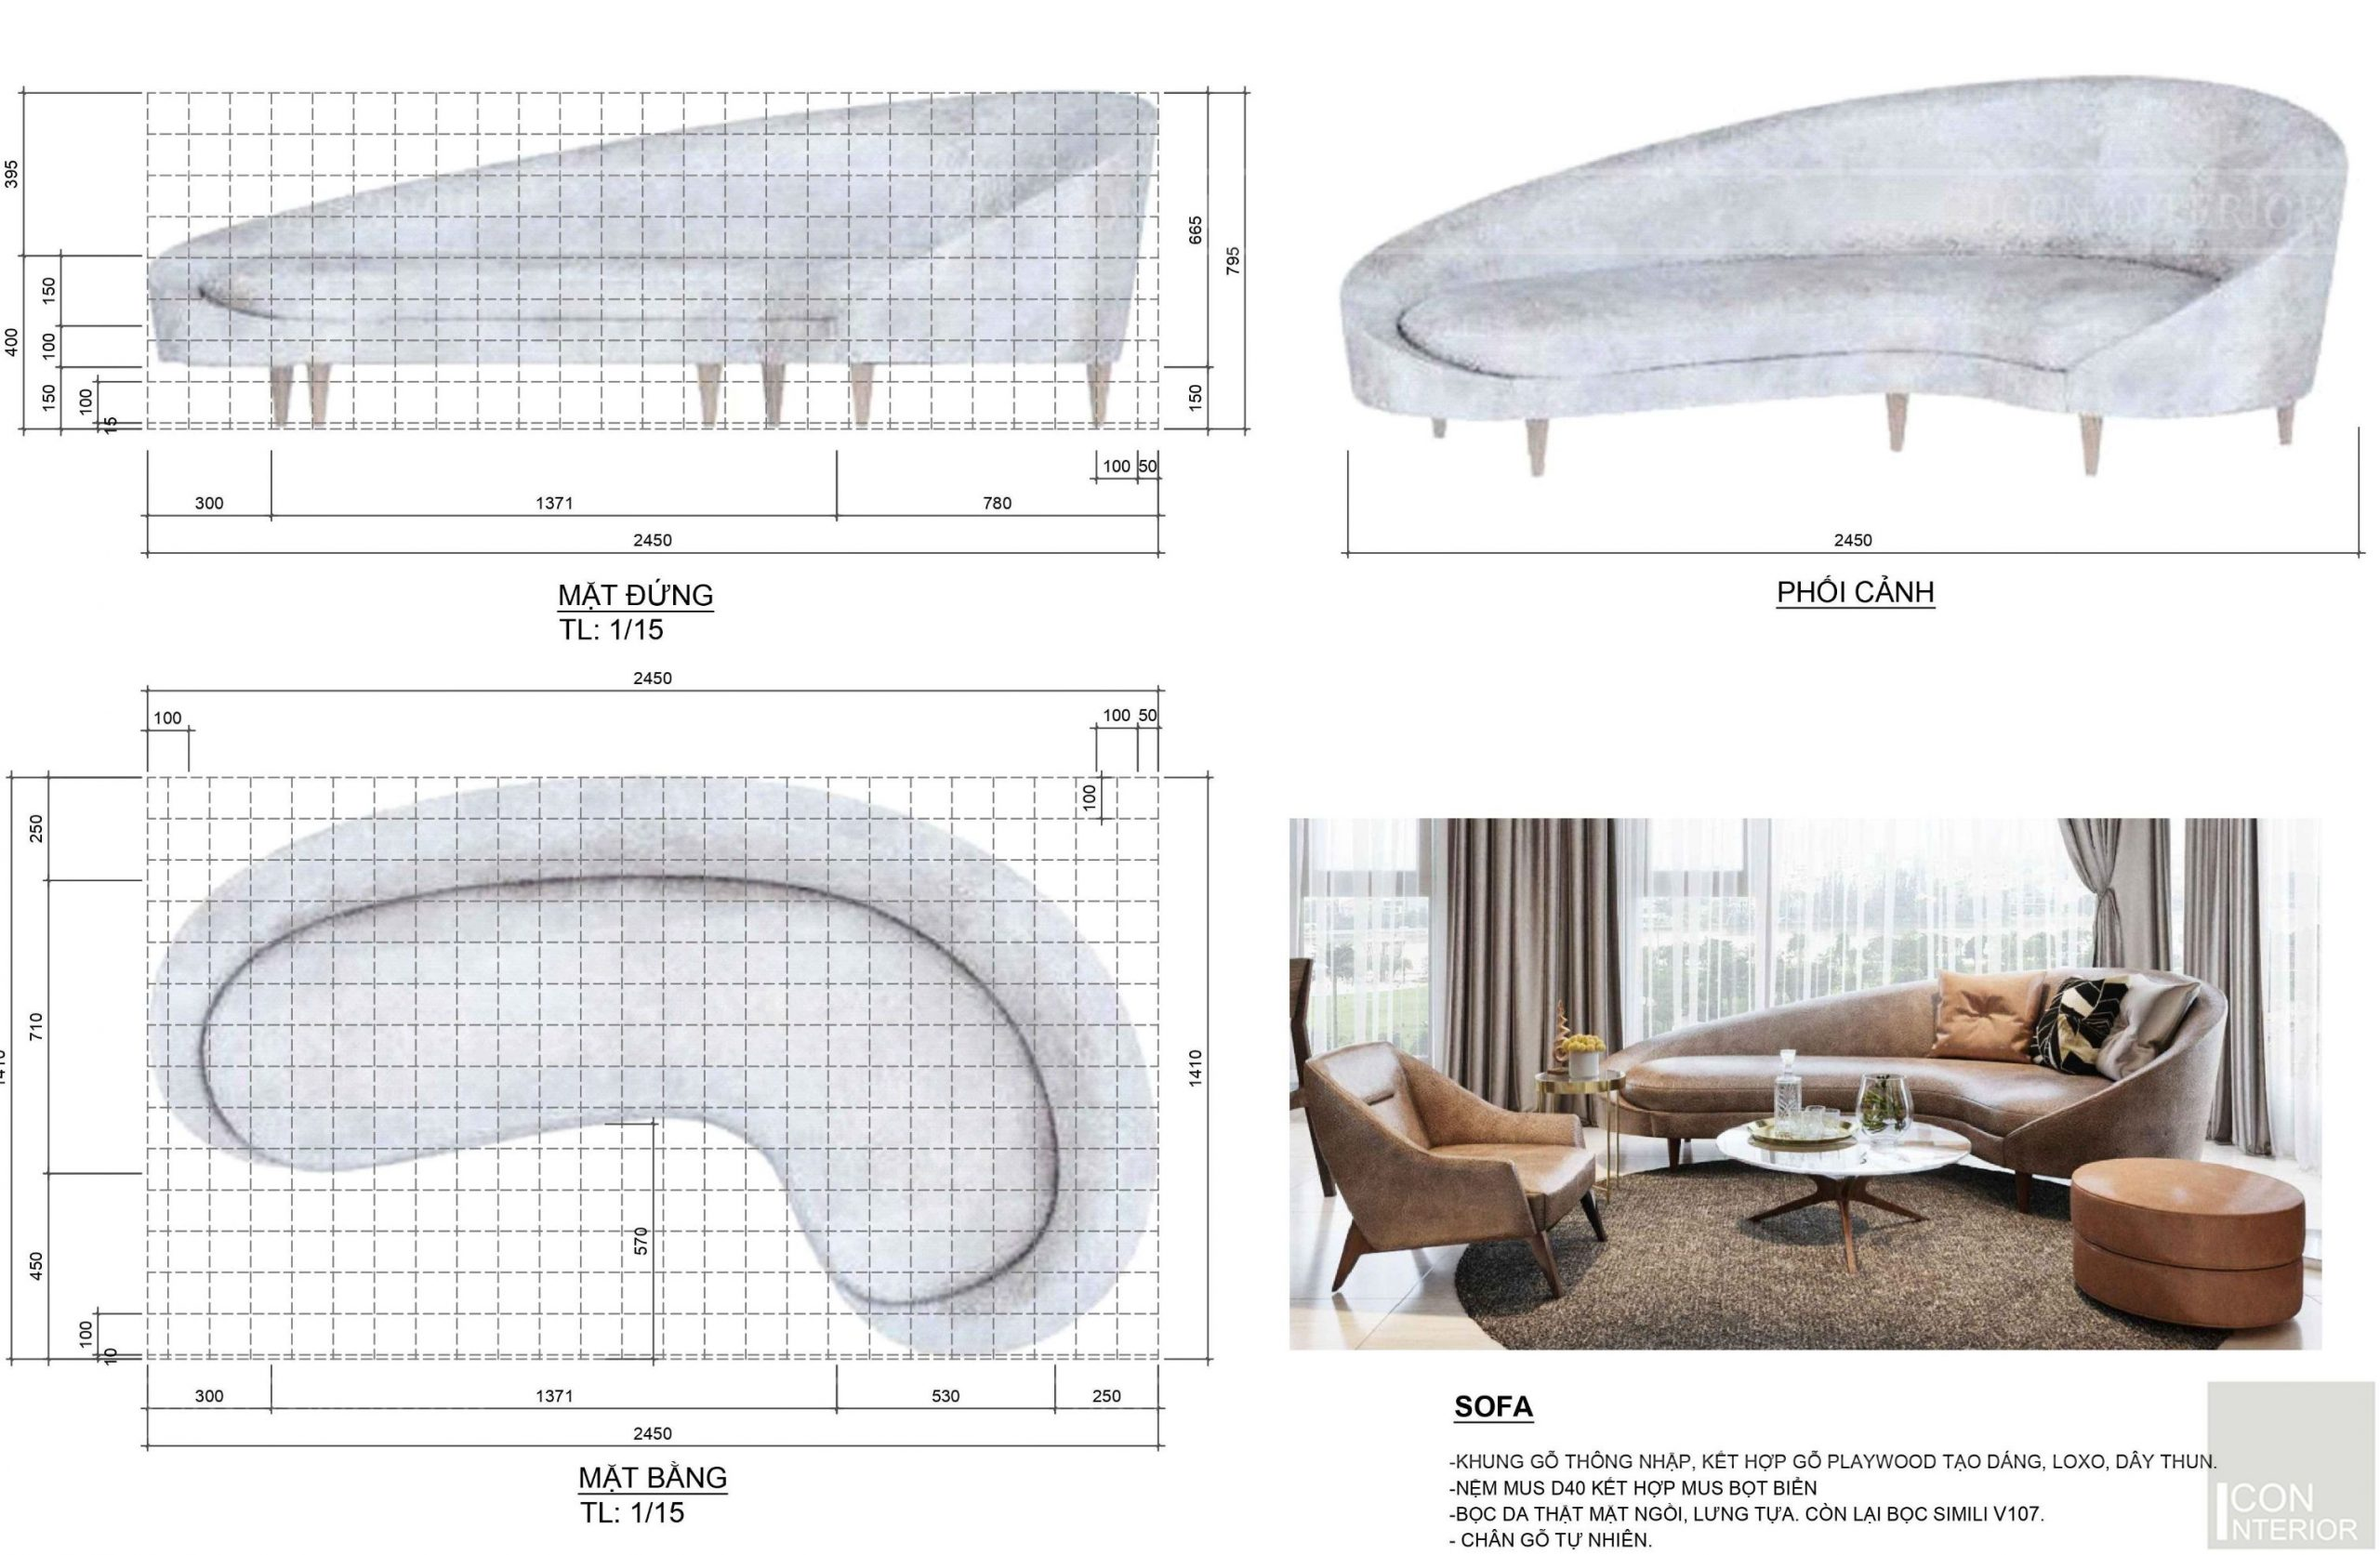 Kích thước tiêu chuẩn của đồ nội thất